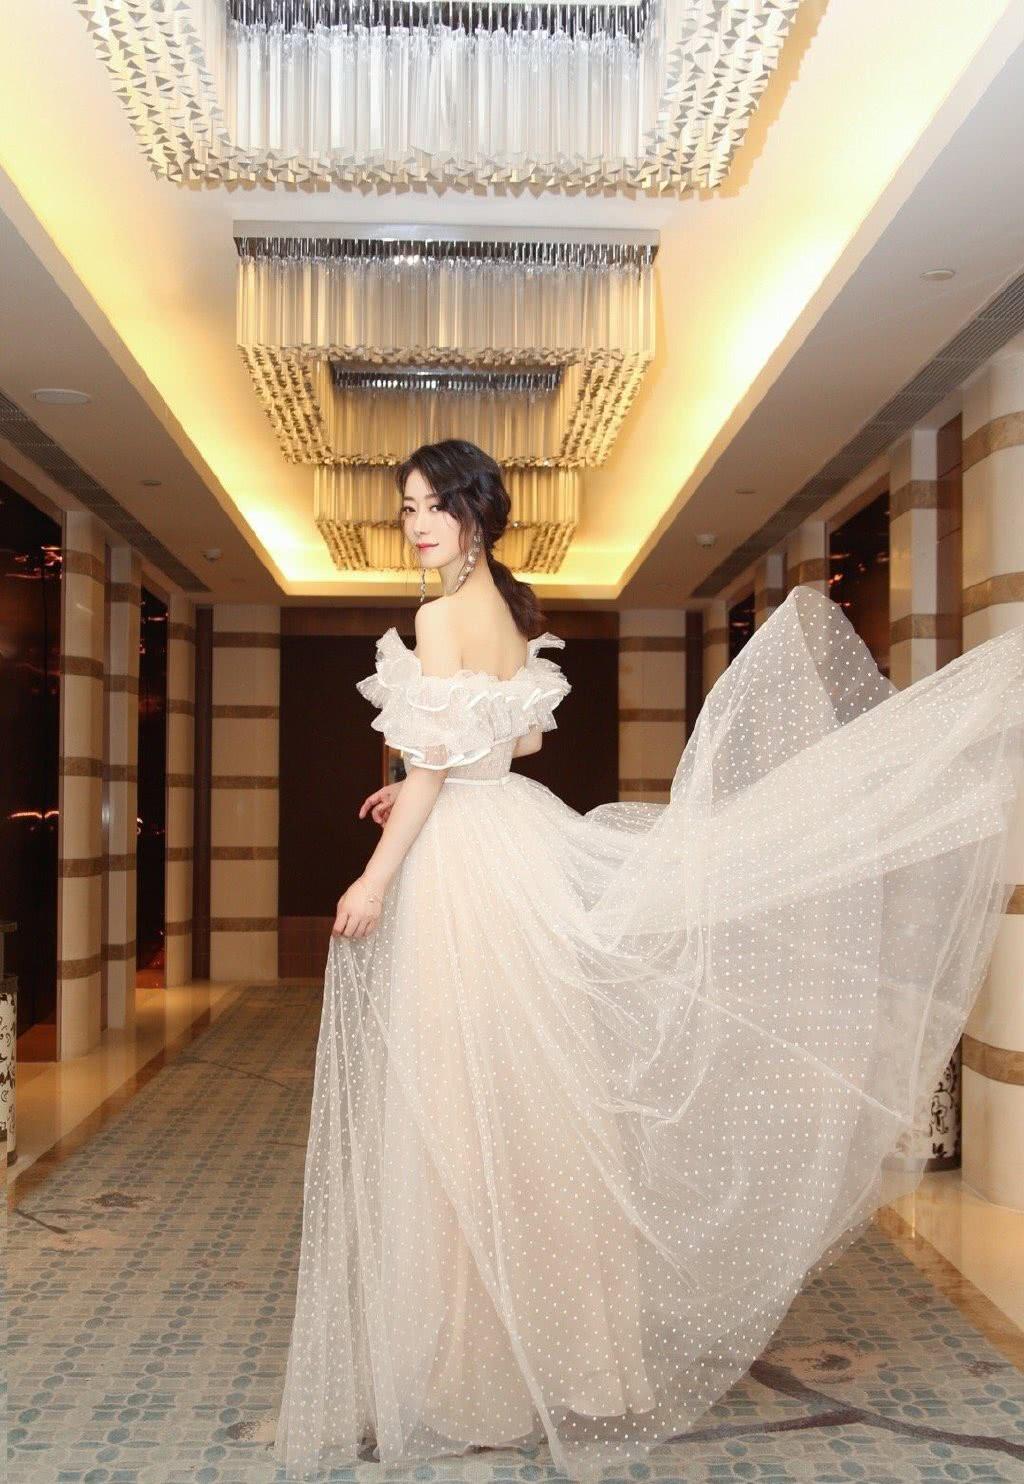 苏有朋版《倚天屠龙记》她演殷离,41岁穿轻纱裙,肌肤胜似少女